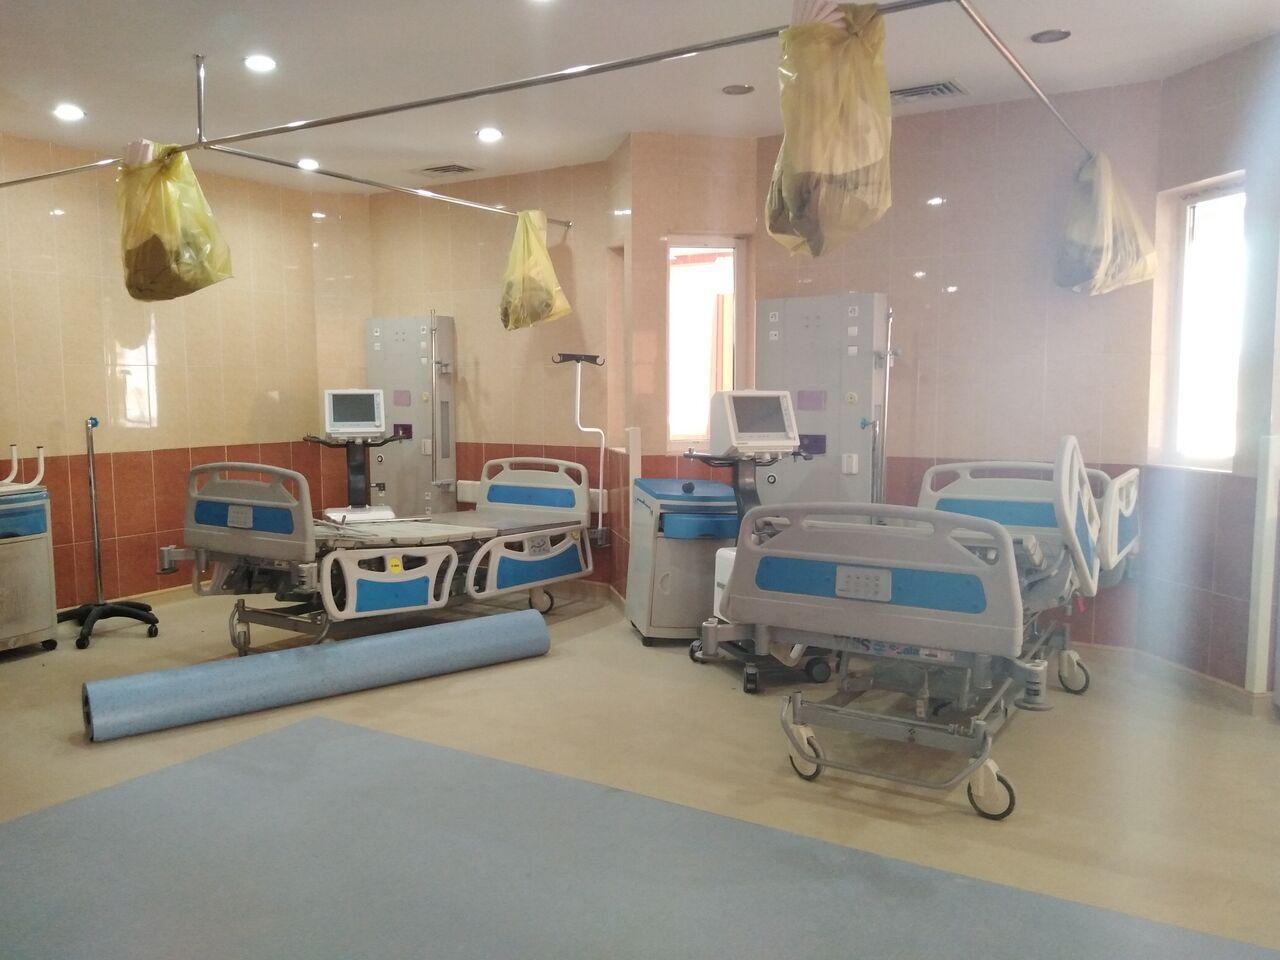 سنگاندازي در مسير راهاندازي بيمارستان نرگسي گچساران